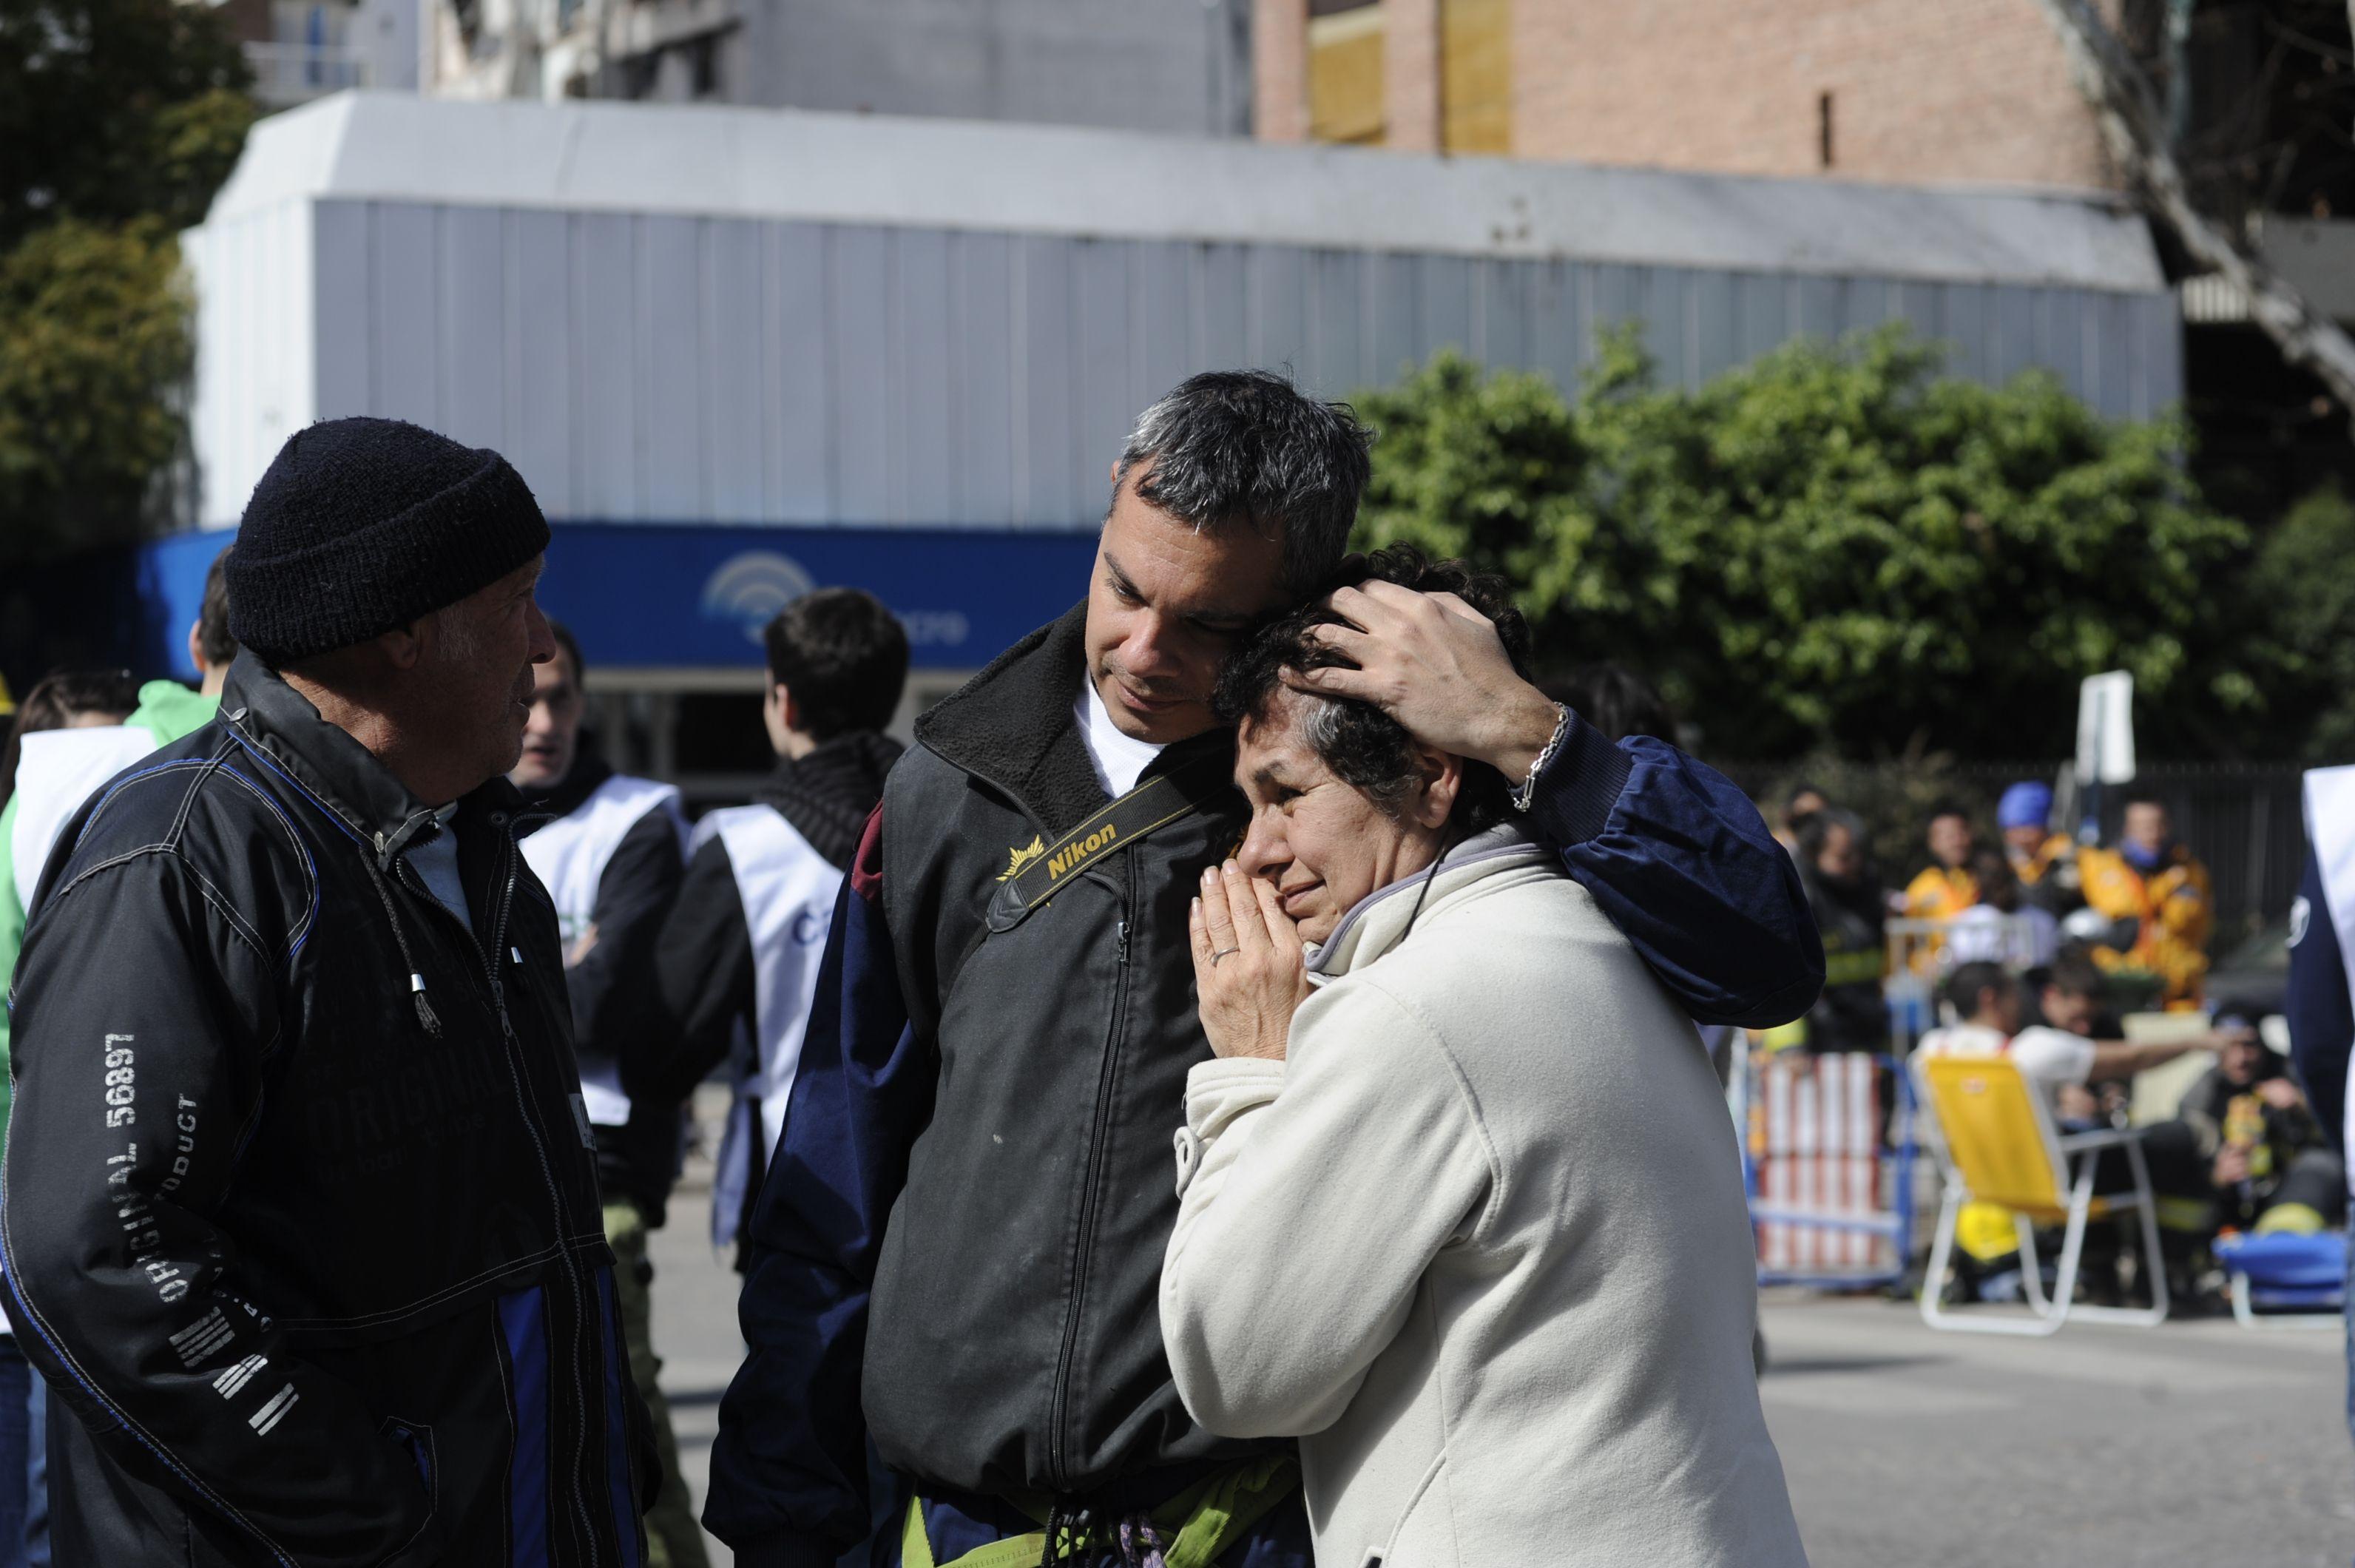 Familiares de víctimas y vecinos afectados por la explosión pueden acceder al servicio del Colegio. (Foto: S. Toriggino)